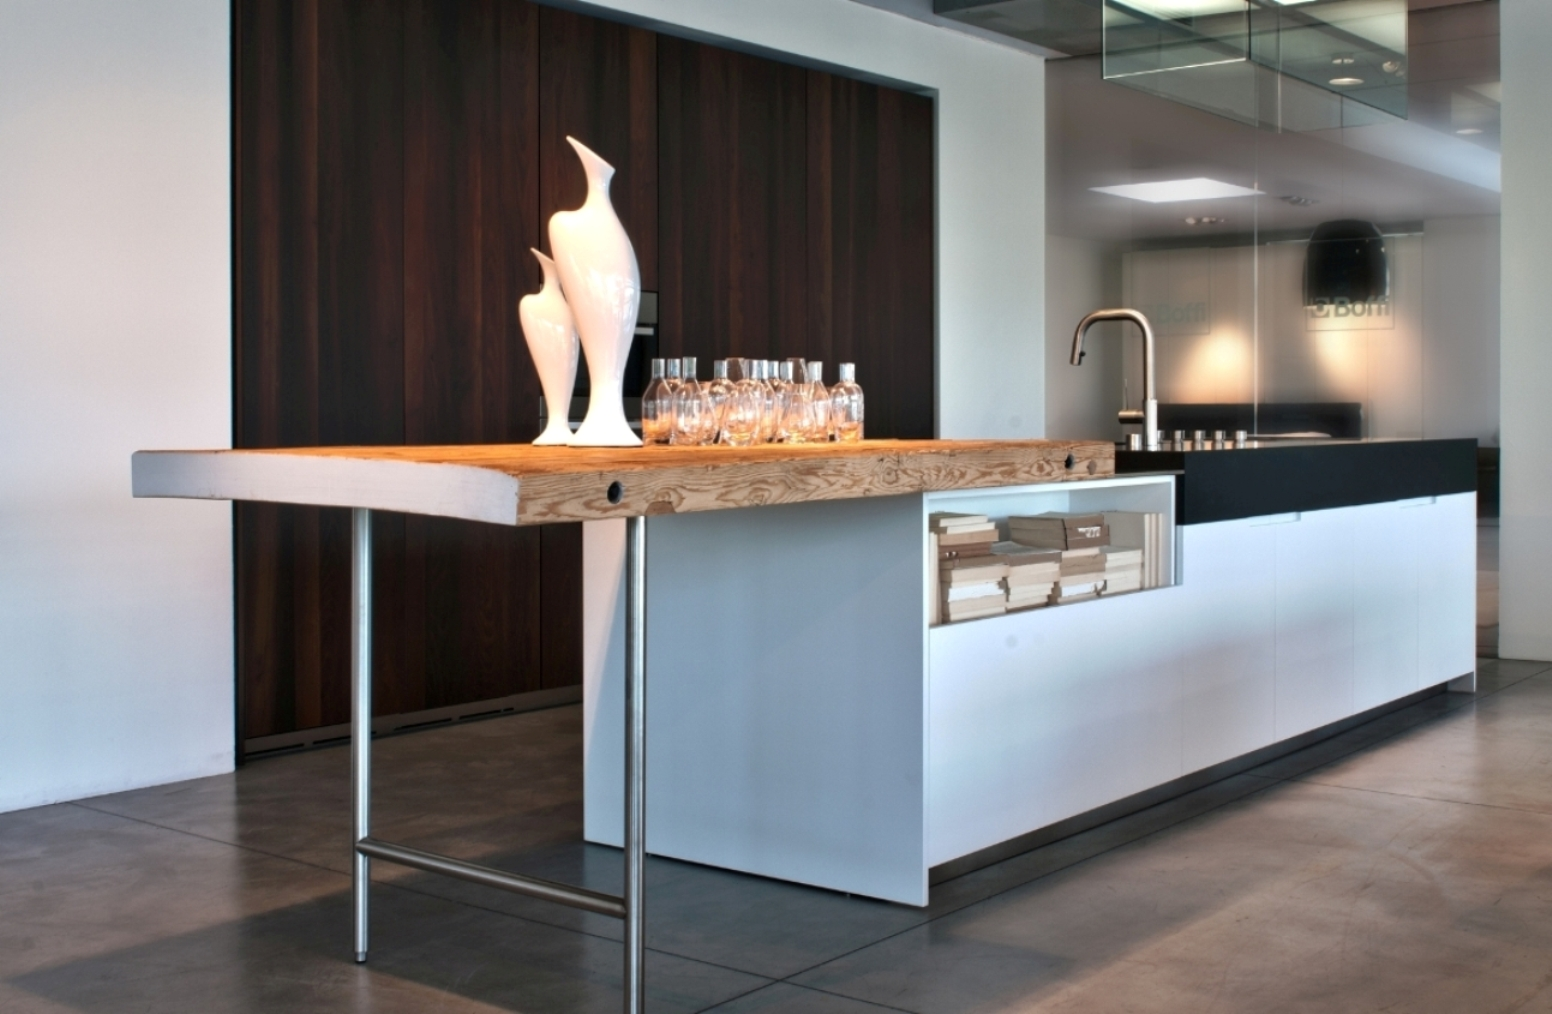 Design | Casa Italia - Part 2